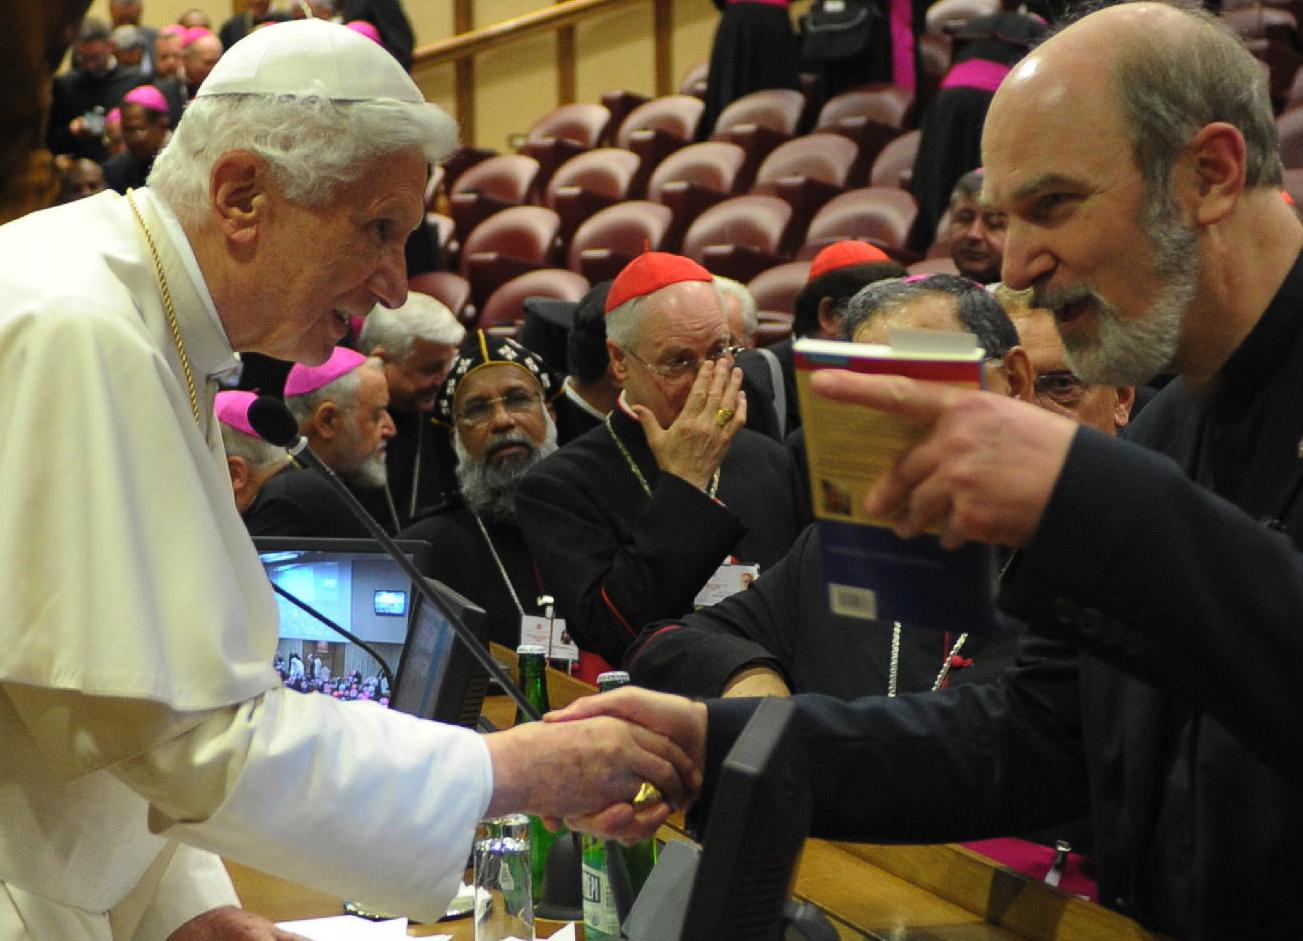 Pope Benedict XVI (left) and Dr. Thomas Schirrmacher